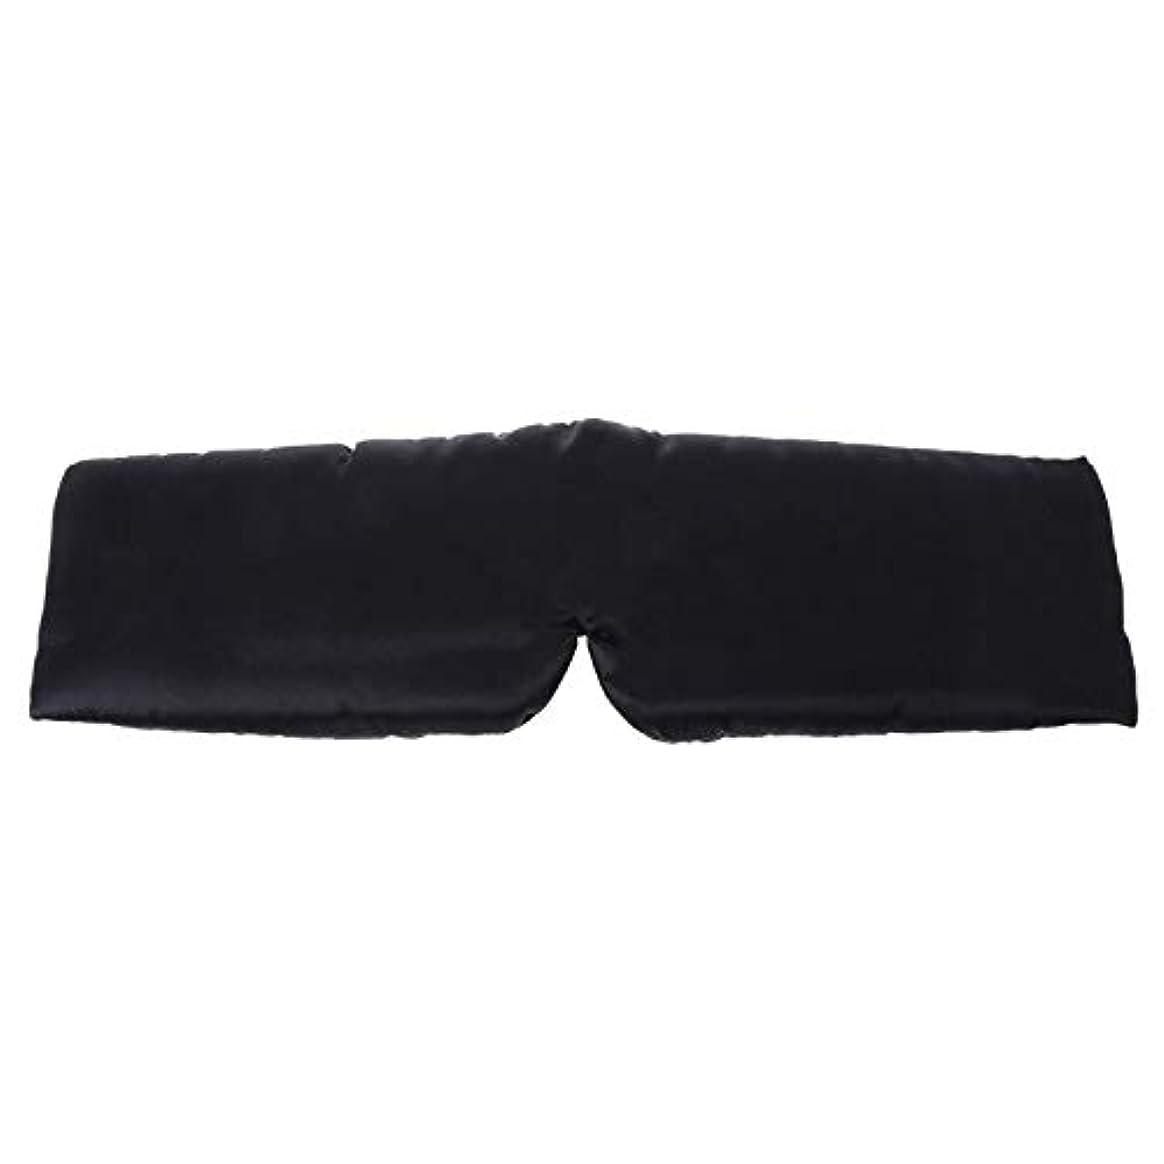 報いる書士現在NOTE 新しいファッションシルクソフトスリープレストアイマスク厚いシェードカバー旅行リラックス補助目隠し1ピース